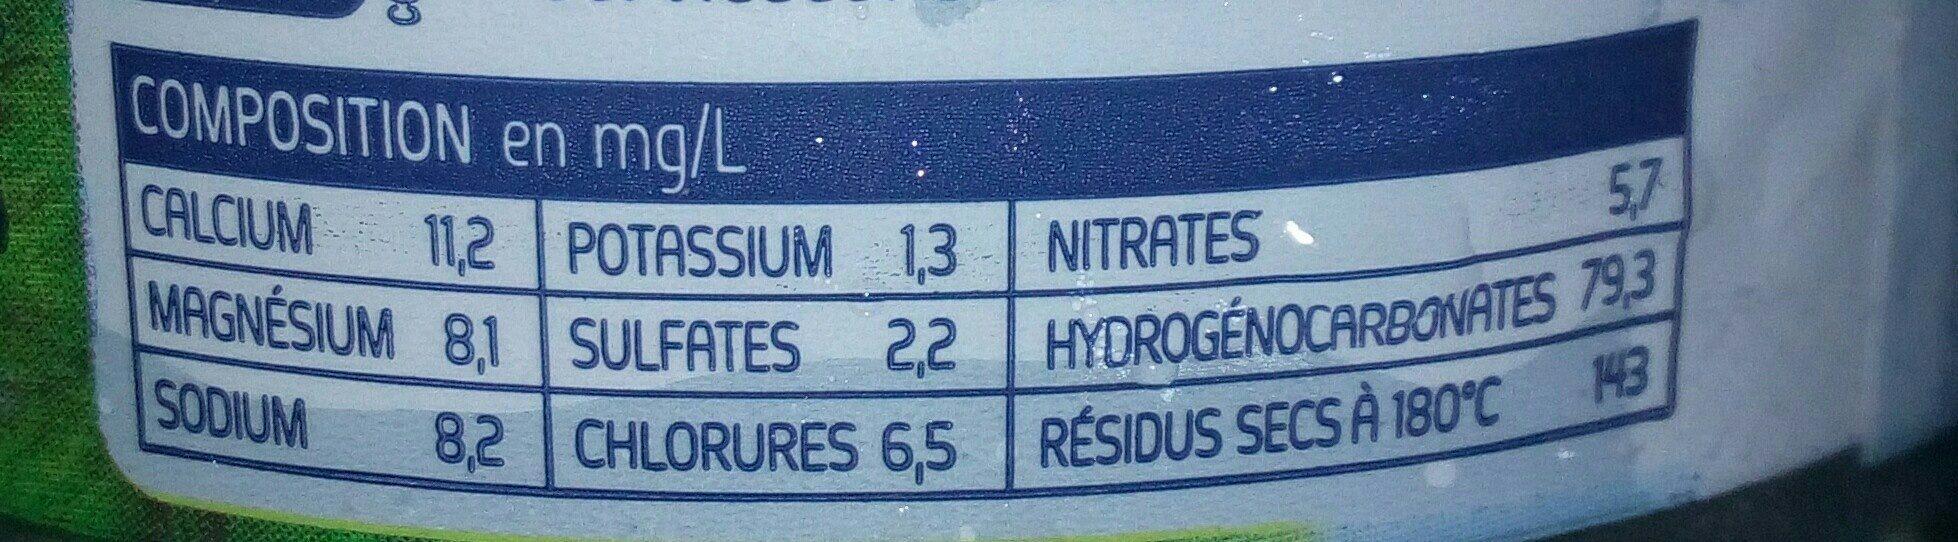 Eau de sources naturel 1,5L - Ingrédients